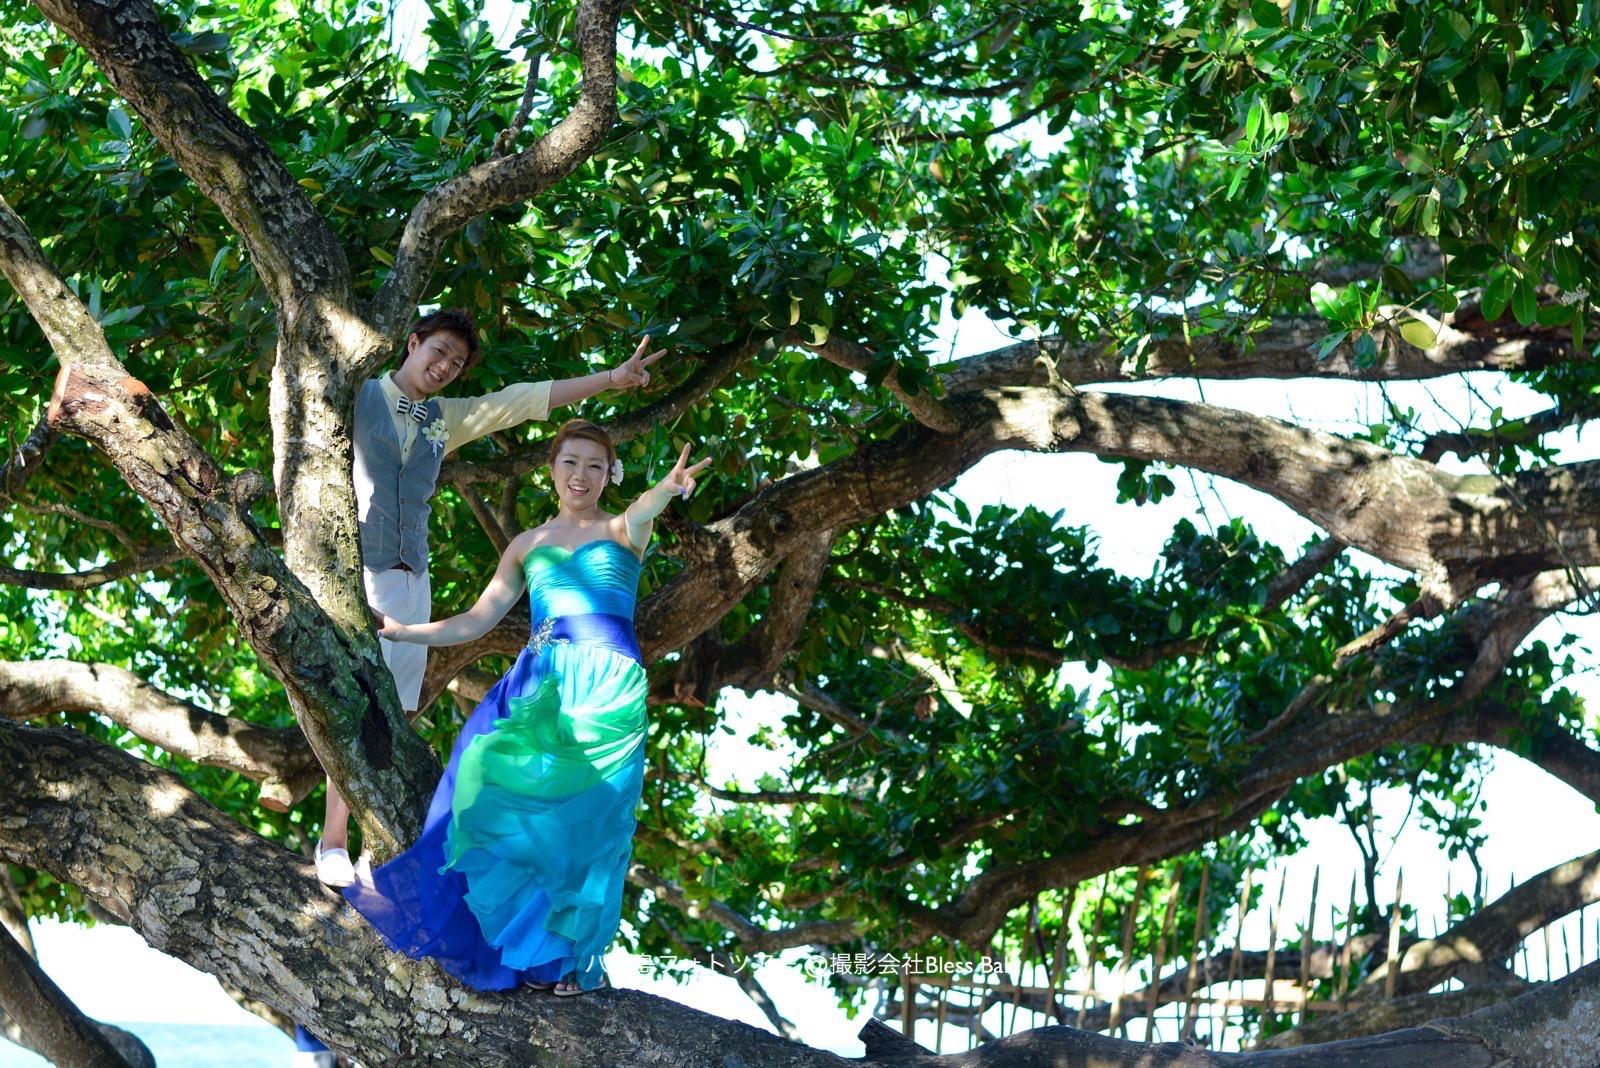 木の幹の上に登って、ナチュラル感溢れる一枚